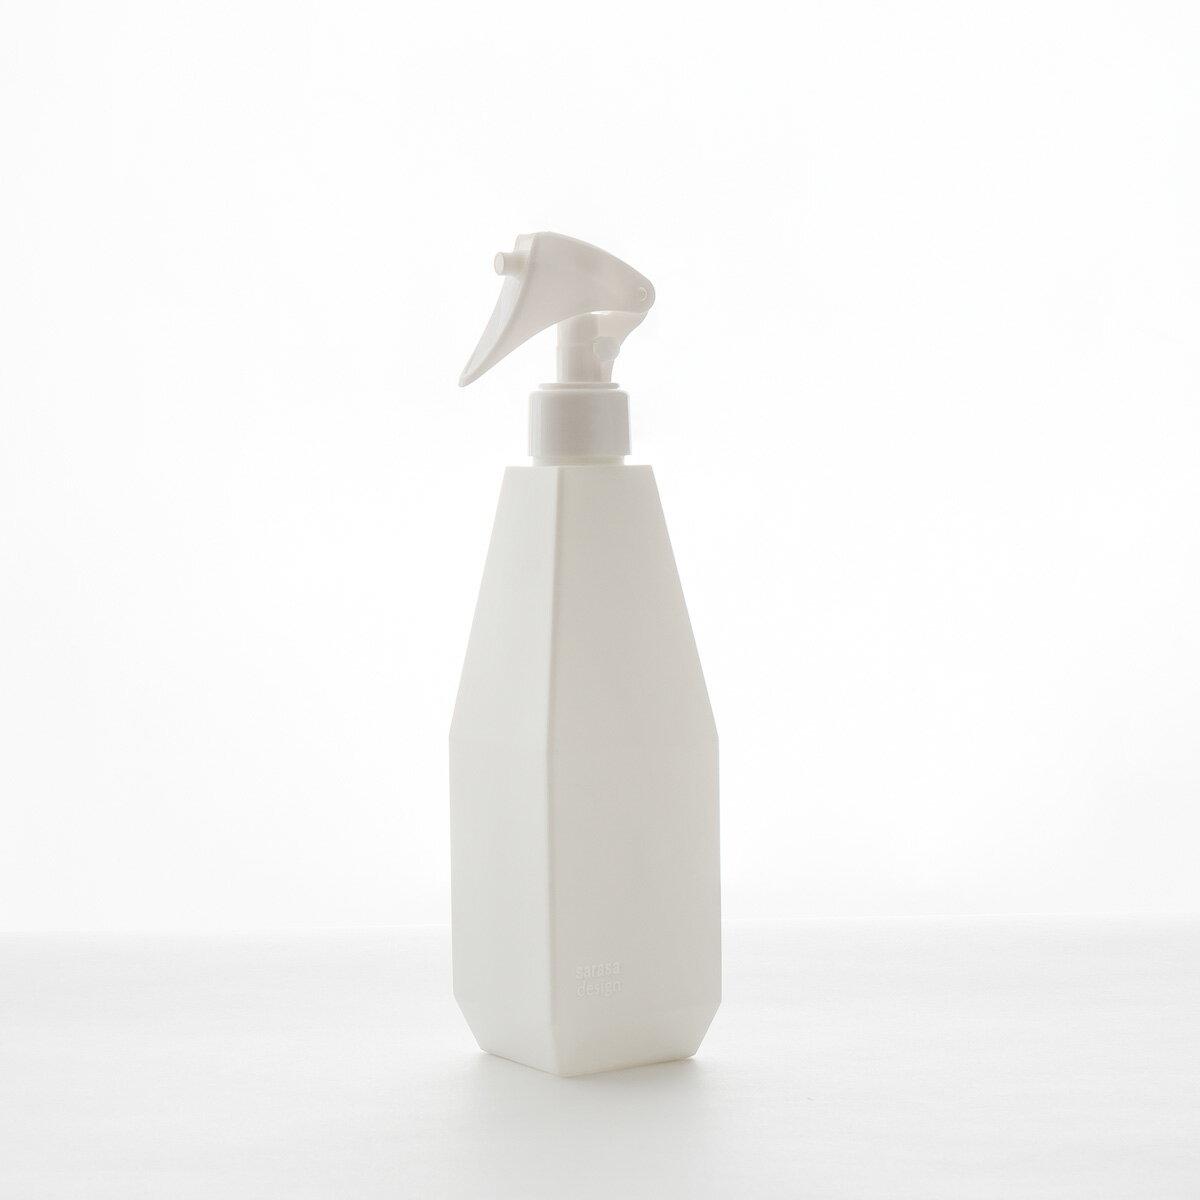 スプレーボトル 詰め替えボトル [b2c スプレーボトル-500ml(ミストタイプ)] サラサデザインストア